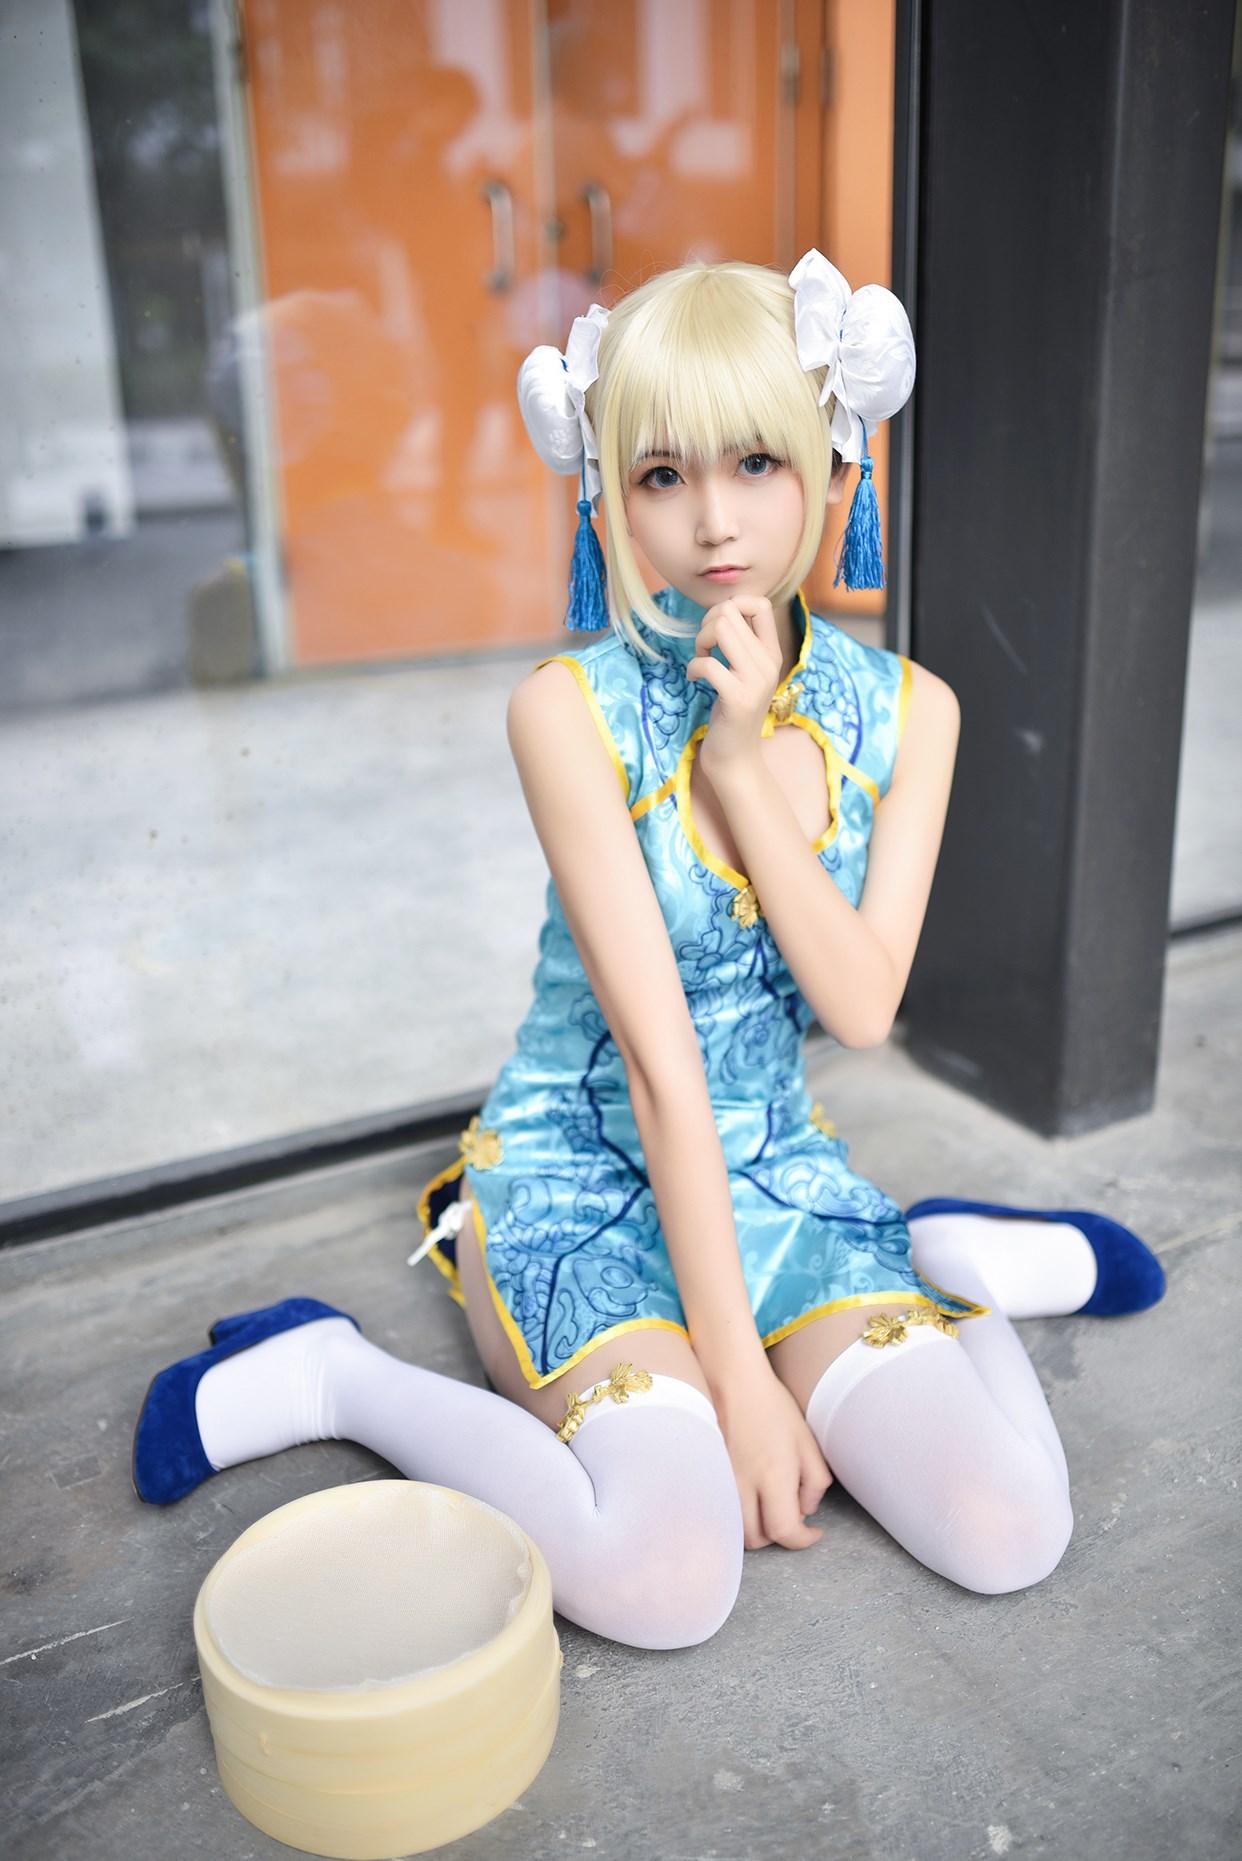 【兔玩映画】超卡哇伊的旗袍娘 兔玩映画 第16张